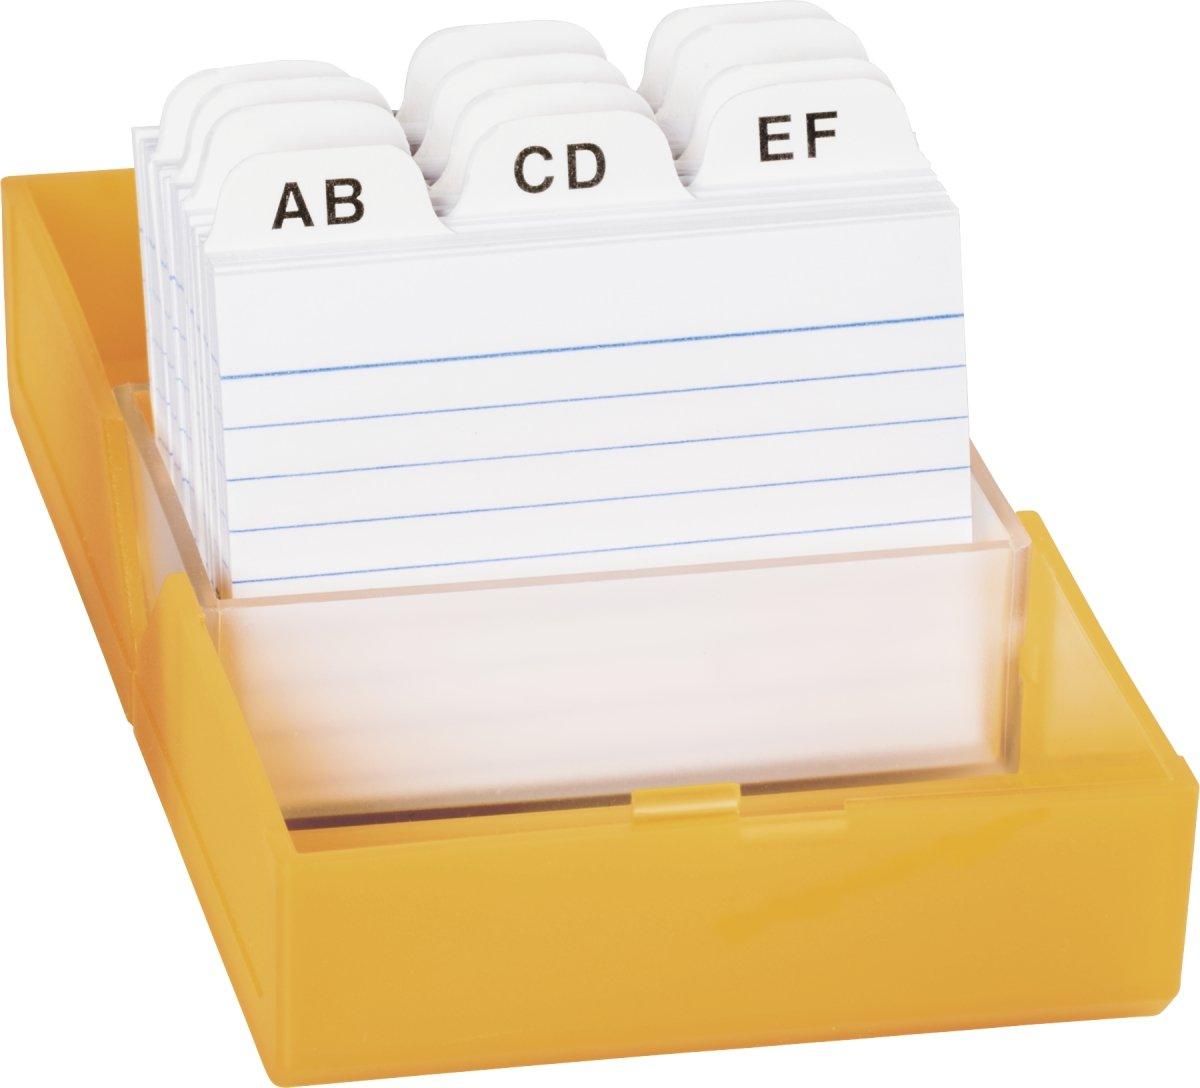 f/ür Karteikarten, A7, gef/üllt mit 100 linierten Karteikarten Twinboxx Brunnen 102057580 Karteikasten grau